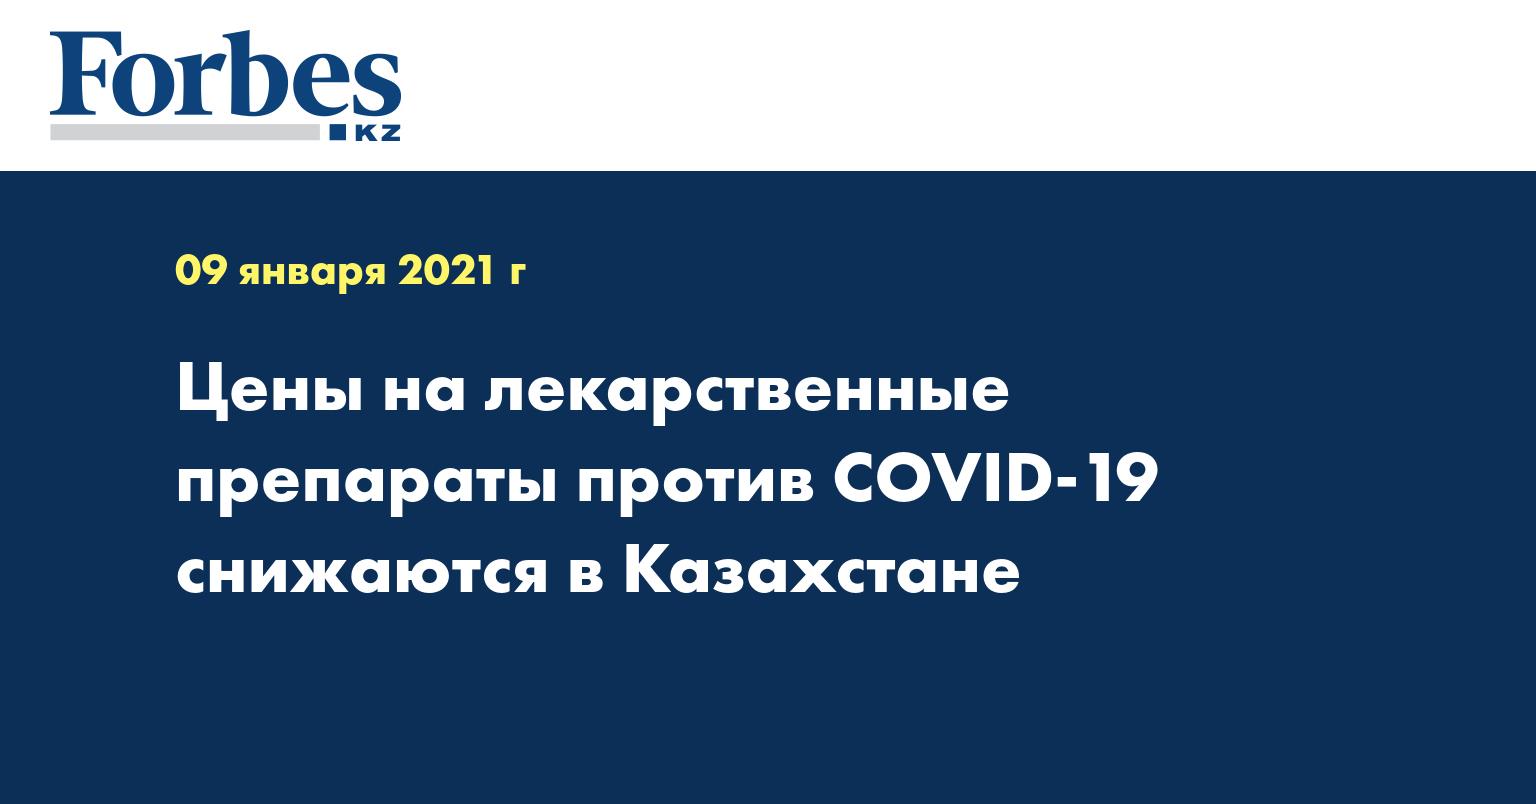 Цены на лекарственные препараты против COVID-19 снижаются в Казахстане